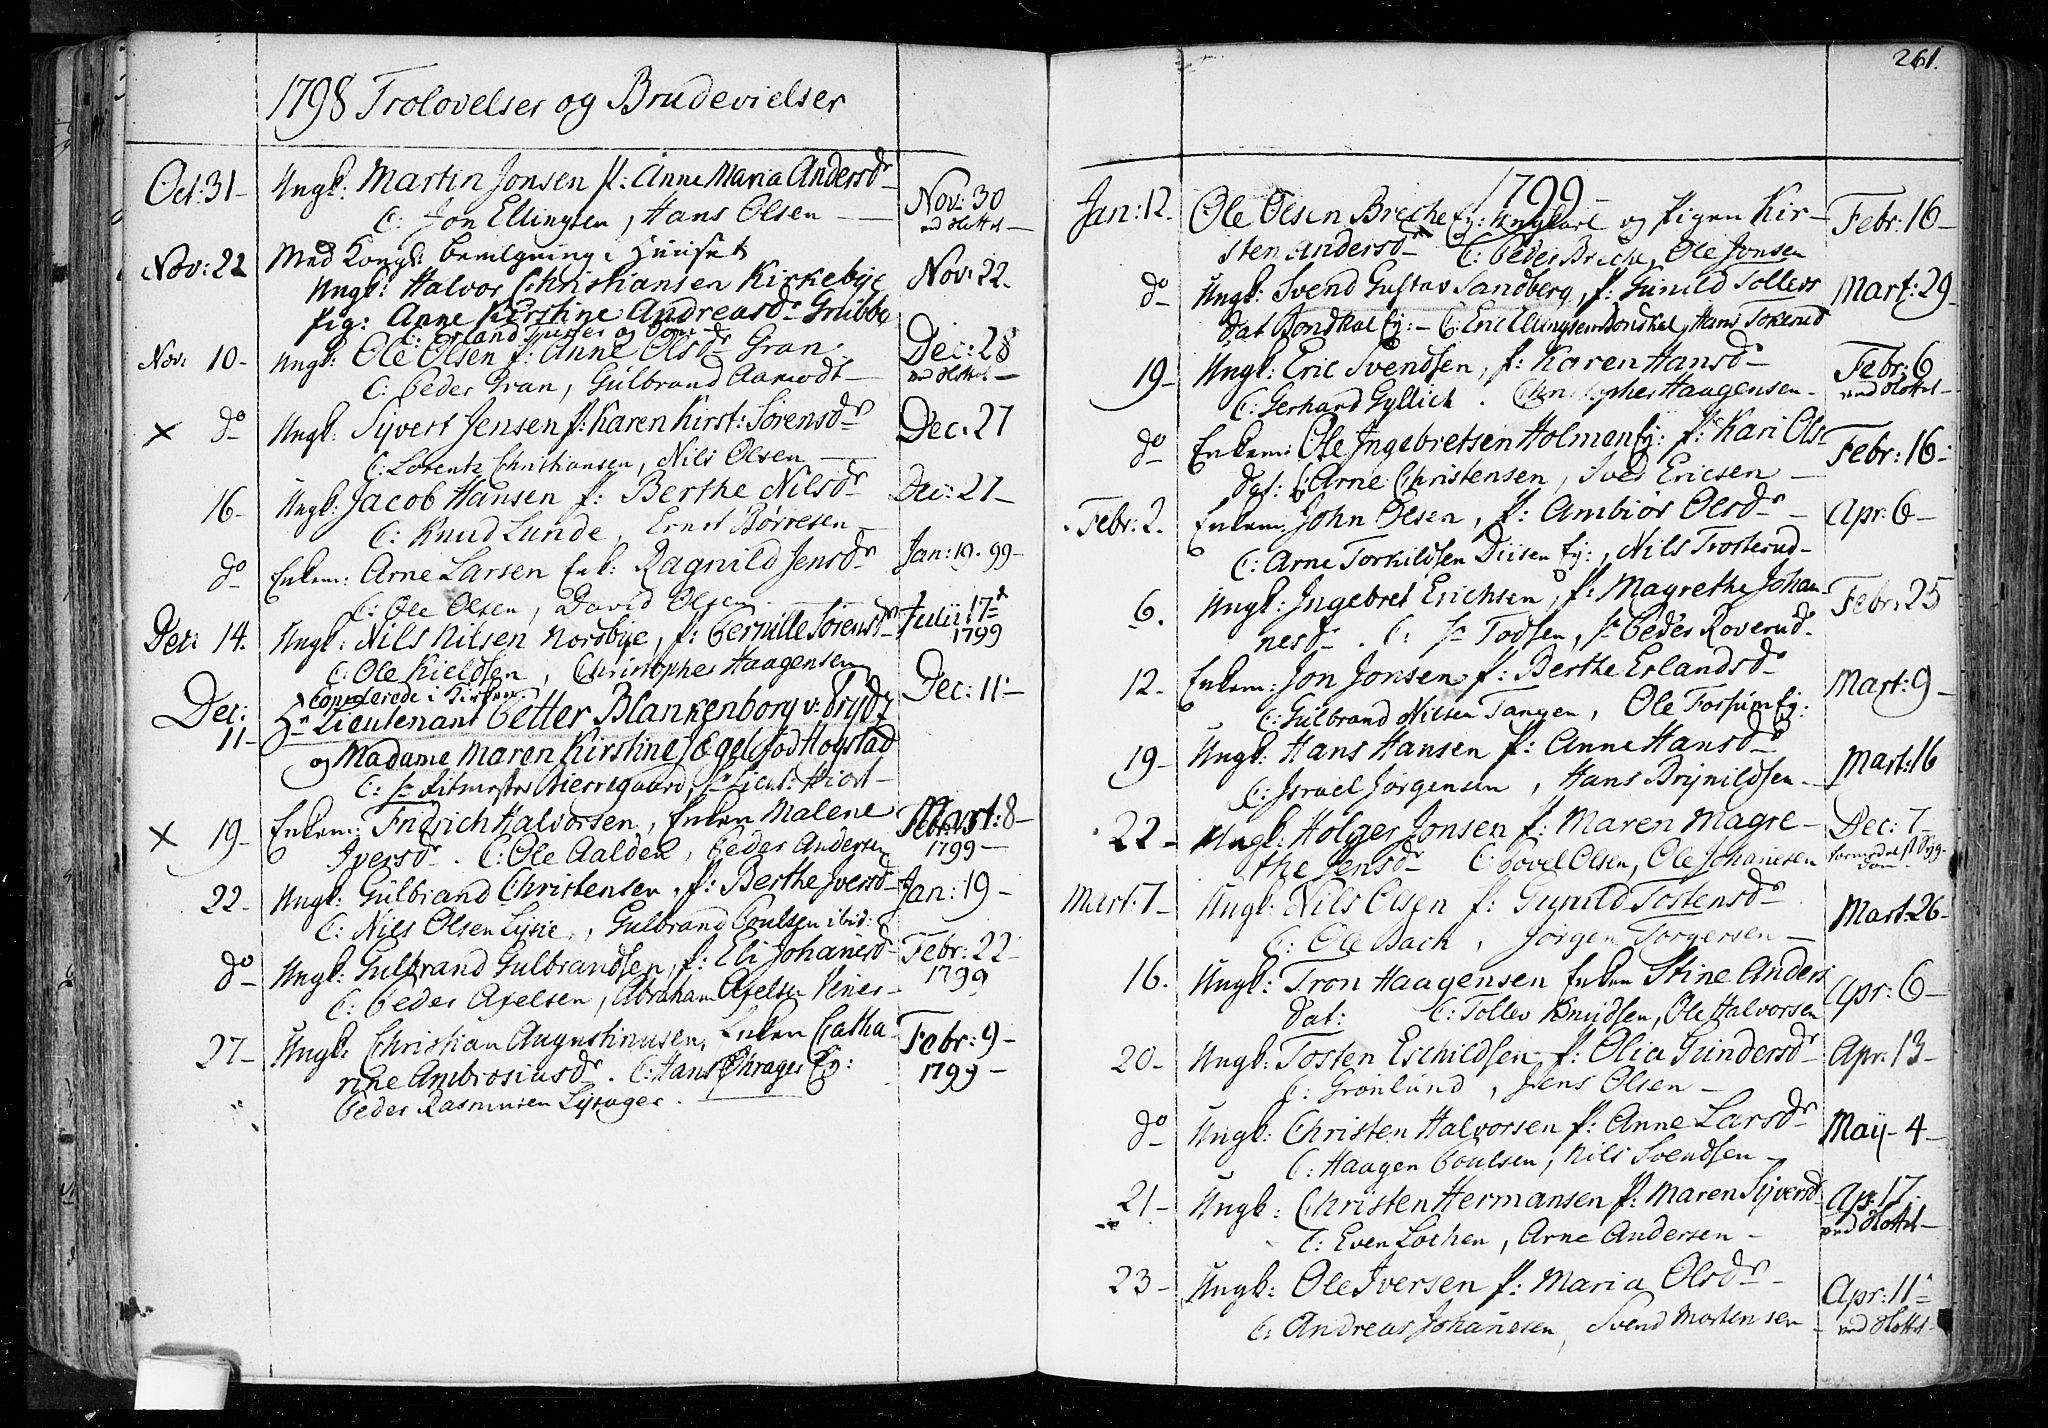 SAO, Aker prestekontor kirkebøker, F/L0010: Ministerialbok nr. 10, 1786-1809, s. 261